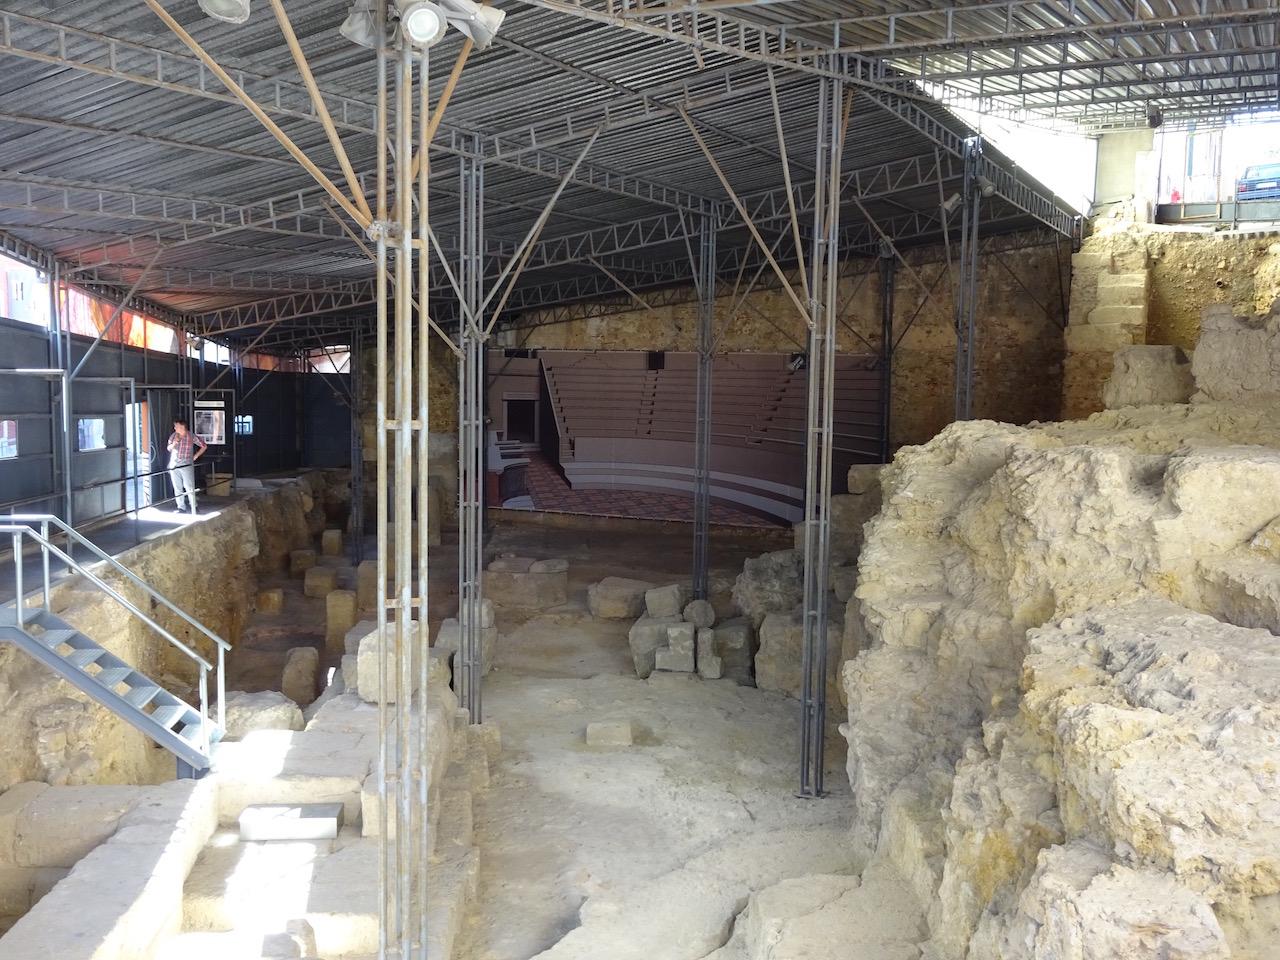 Teatro Romano, ein altes römisches Theater welches bei Ausgrabungen in der Stadt entdeckt wurde